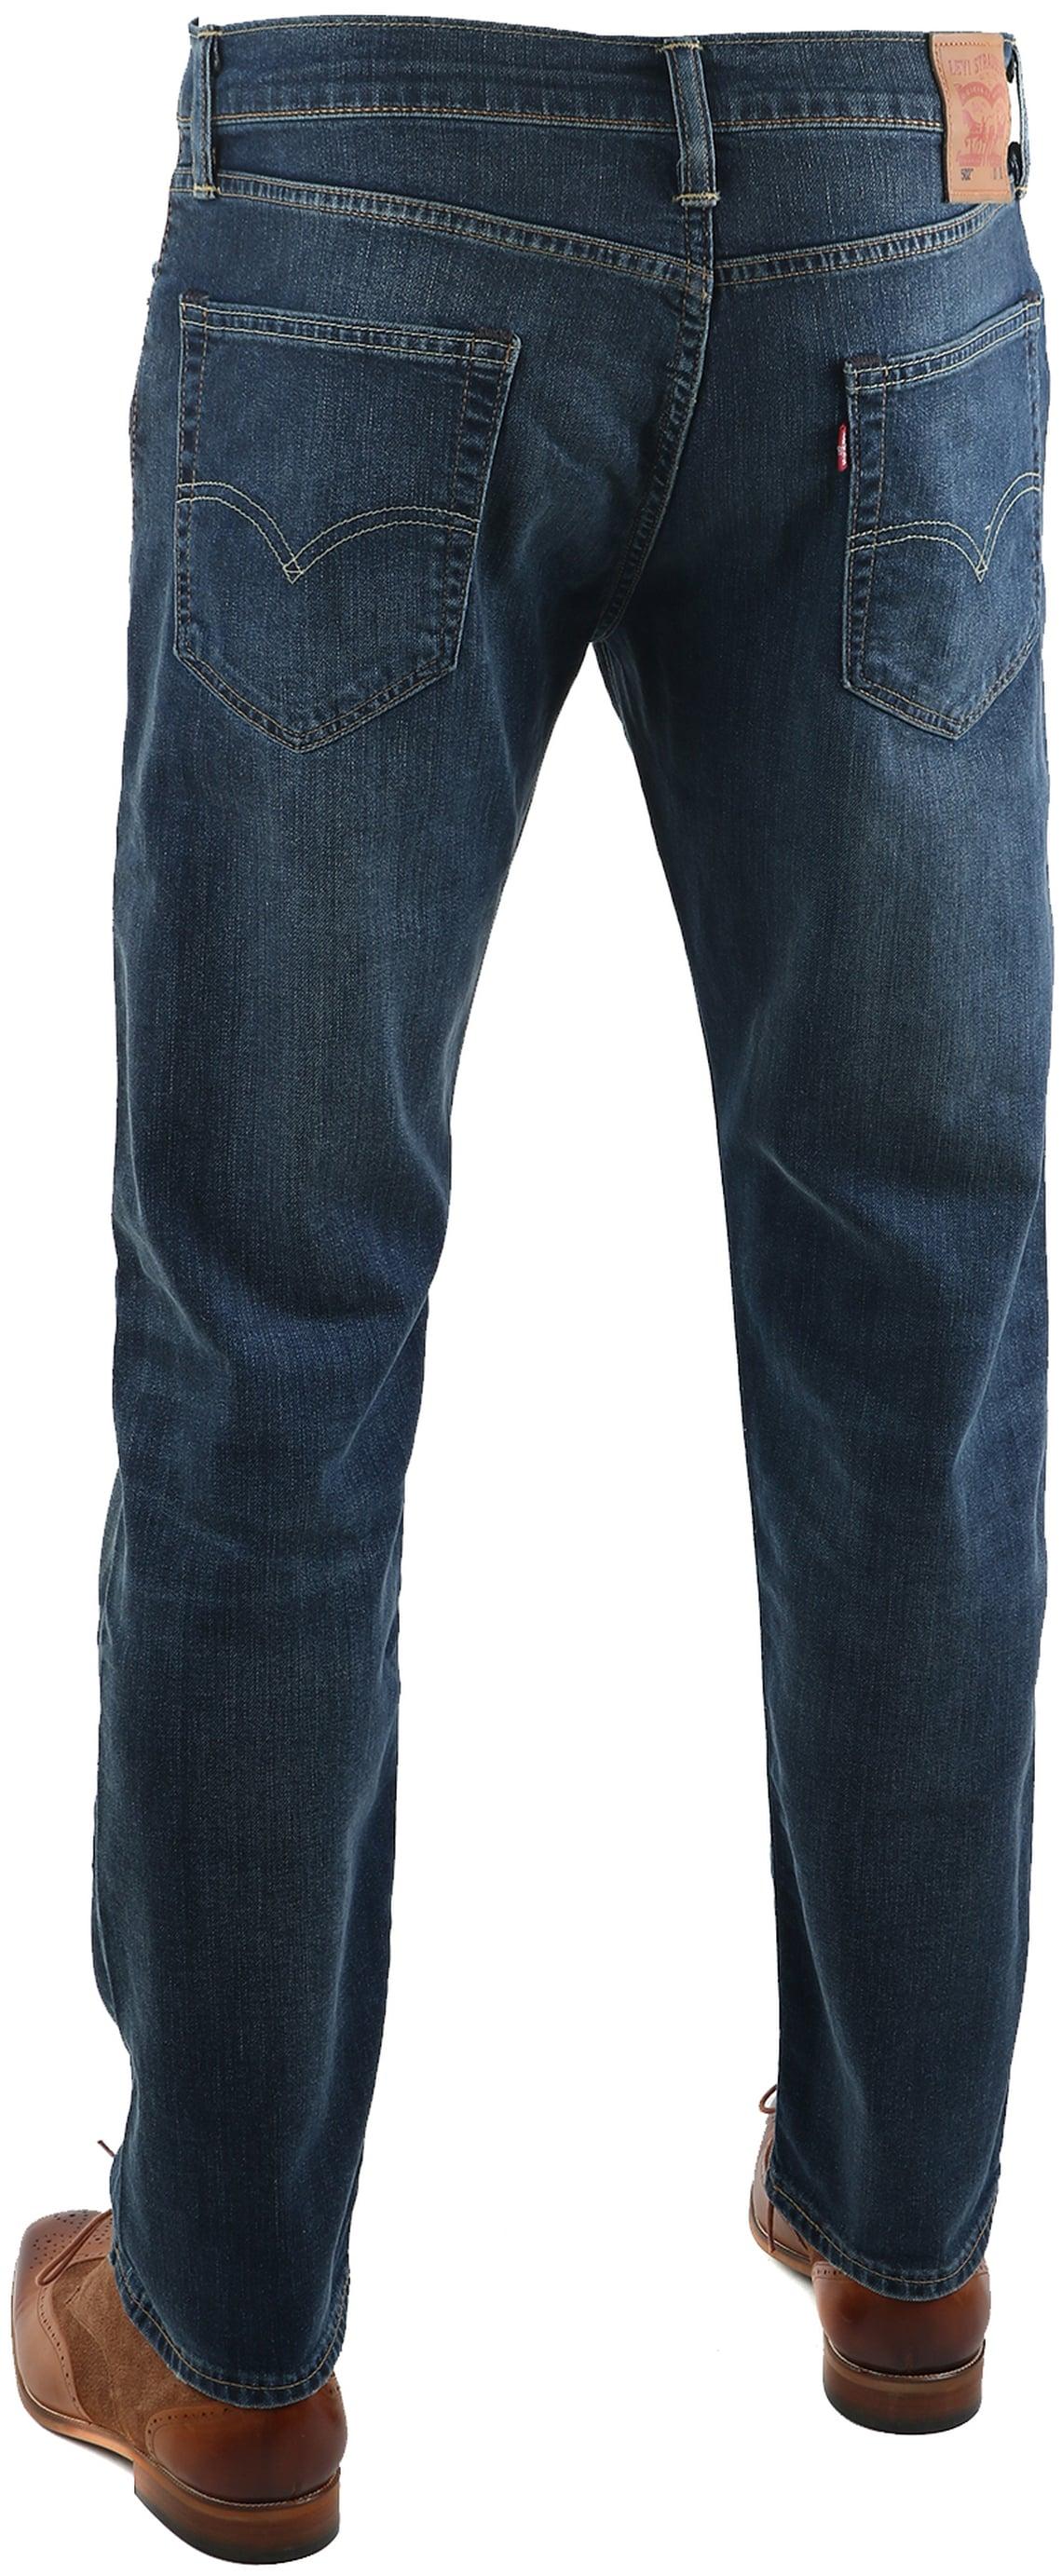 Levi's 502 Jeans Torch foto 3